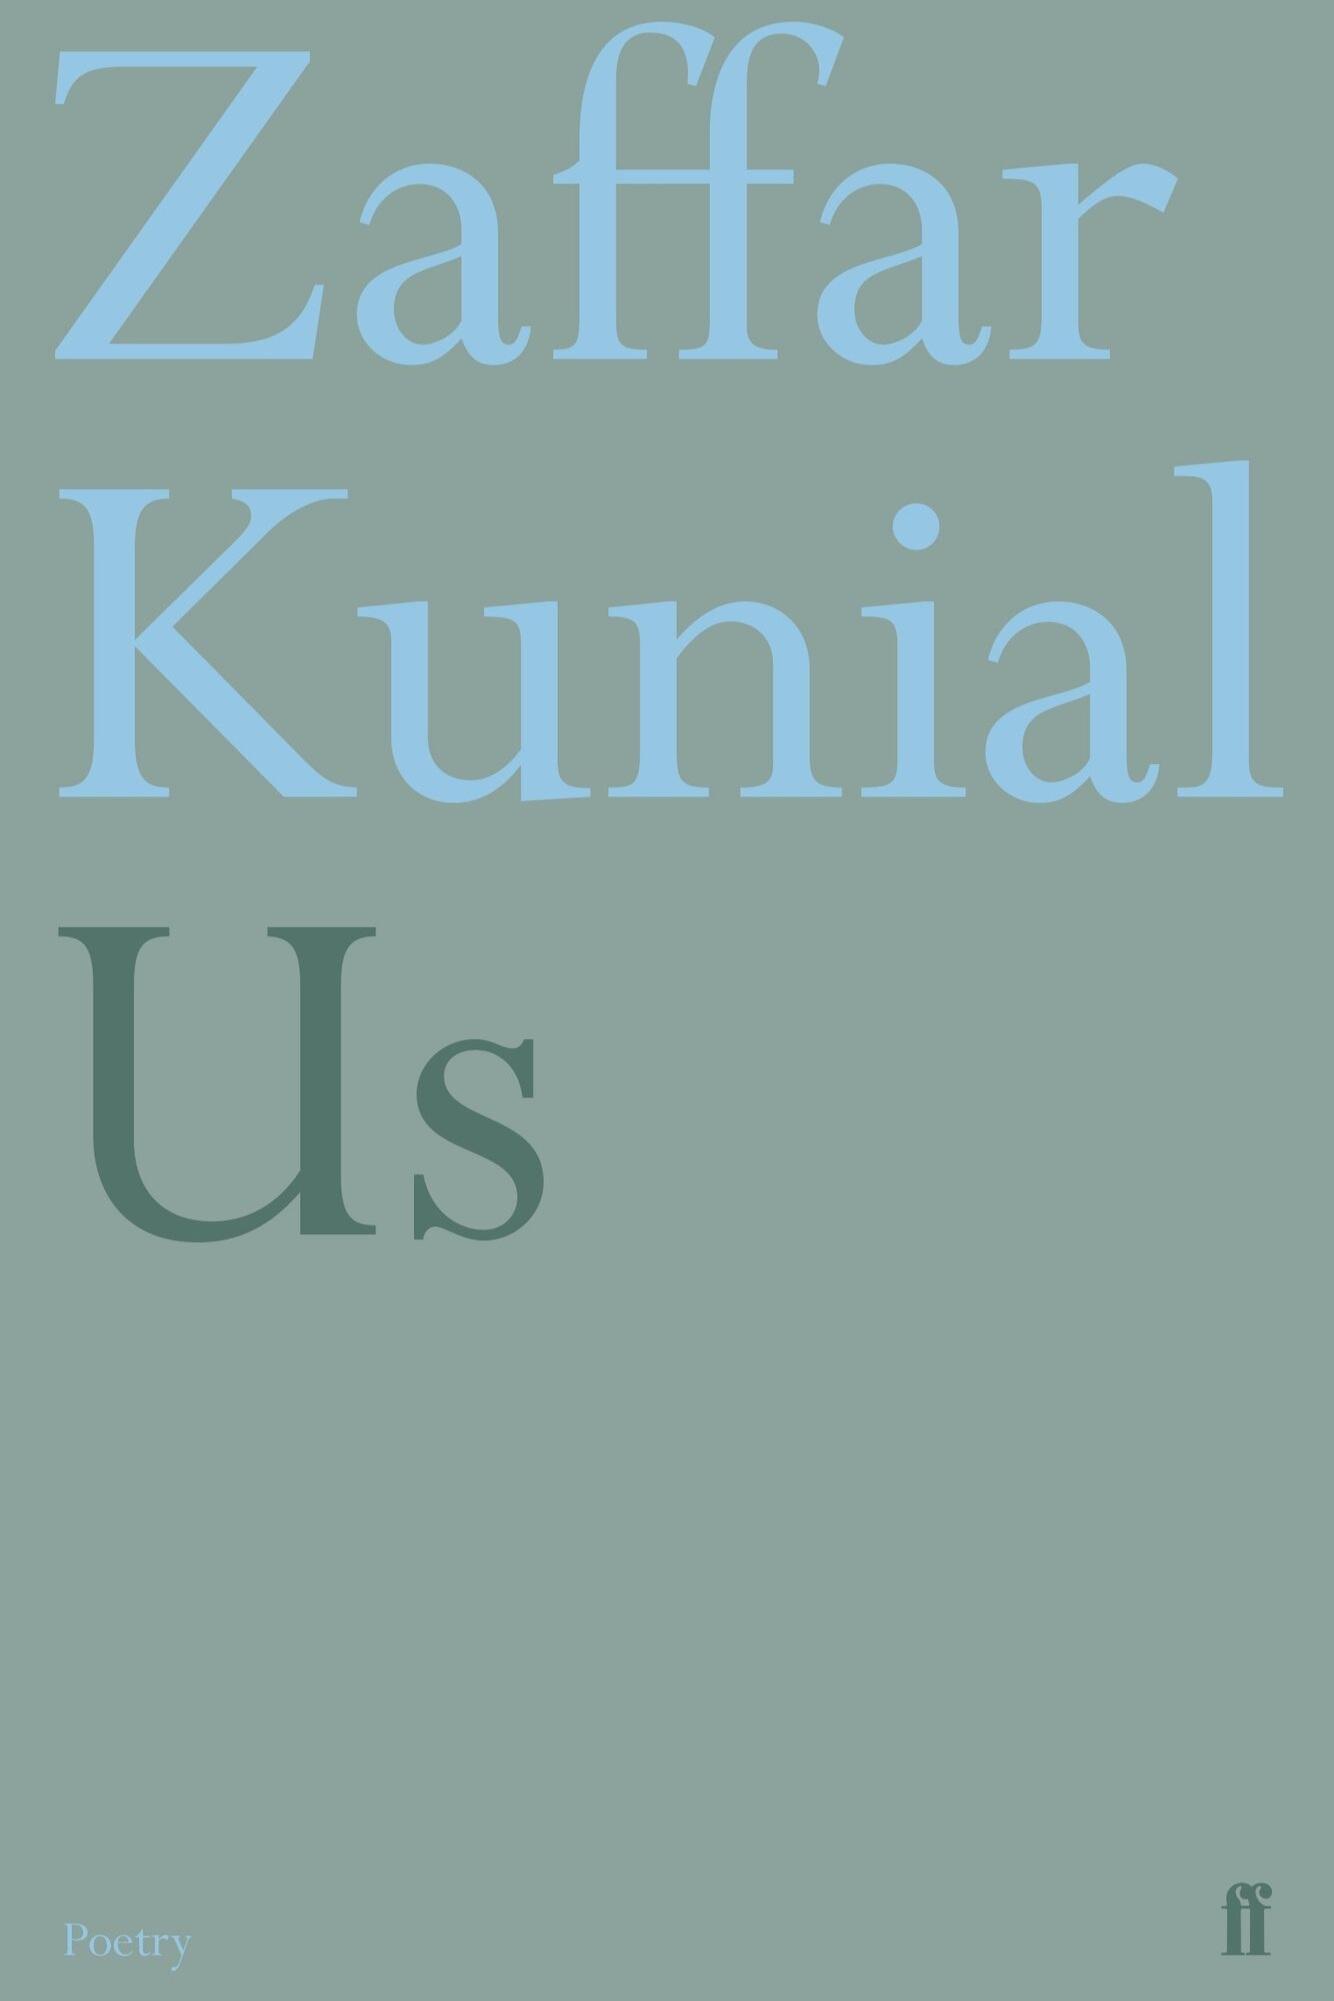 Zaffar+Kunial.jpg